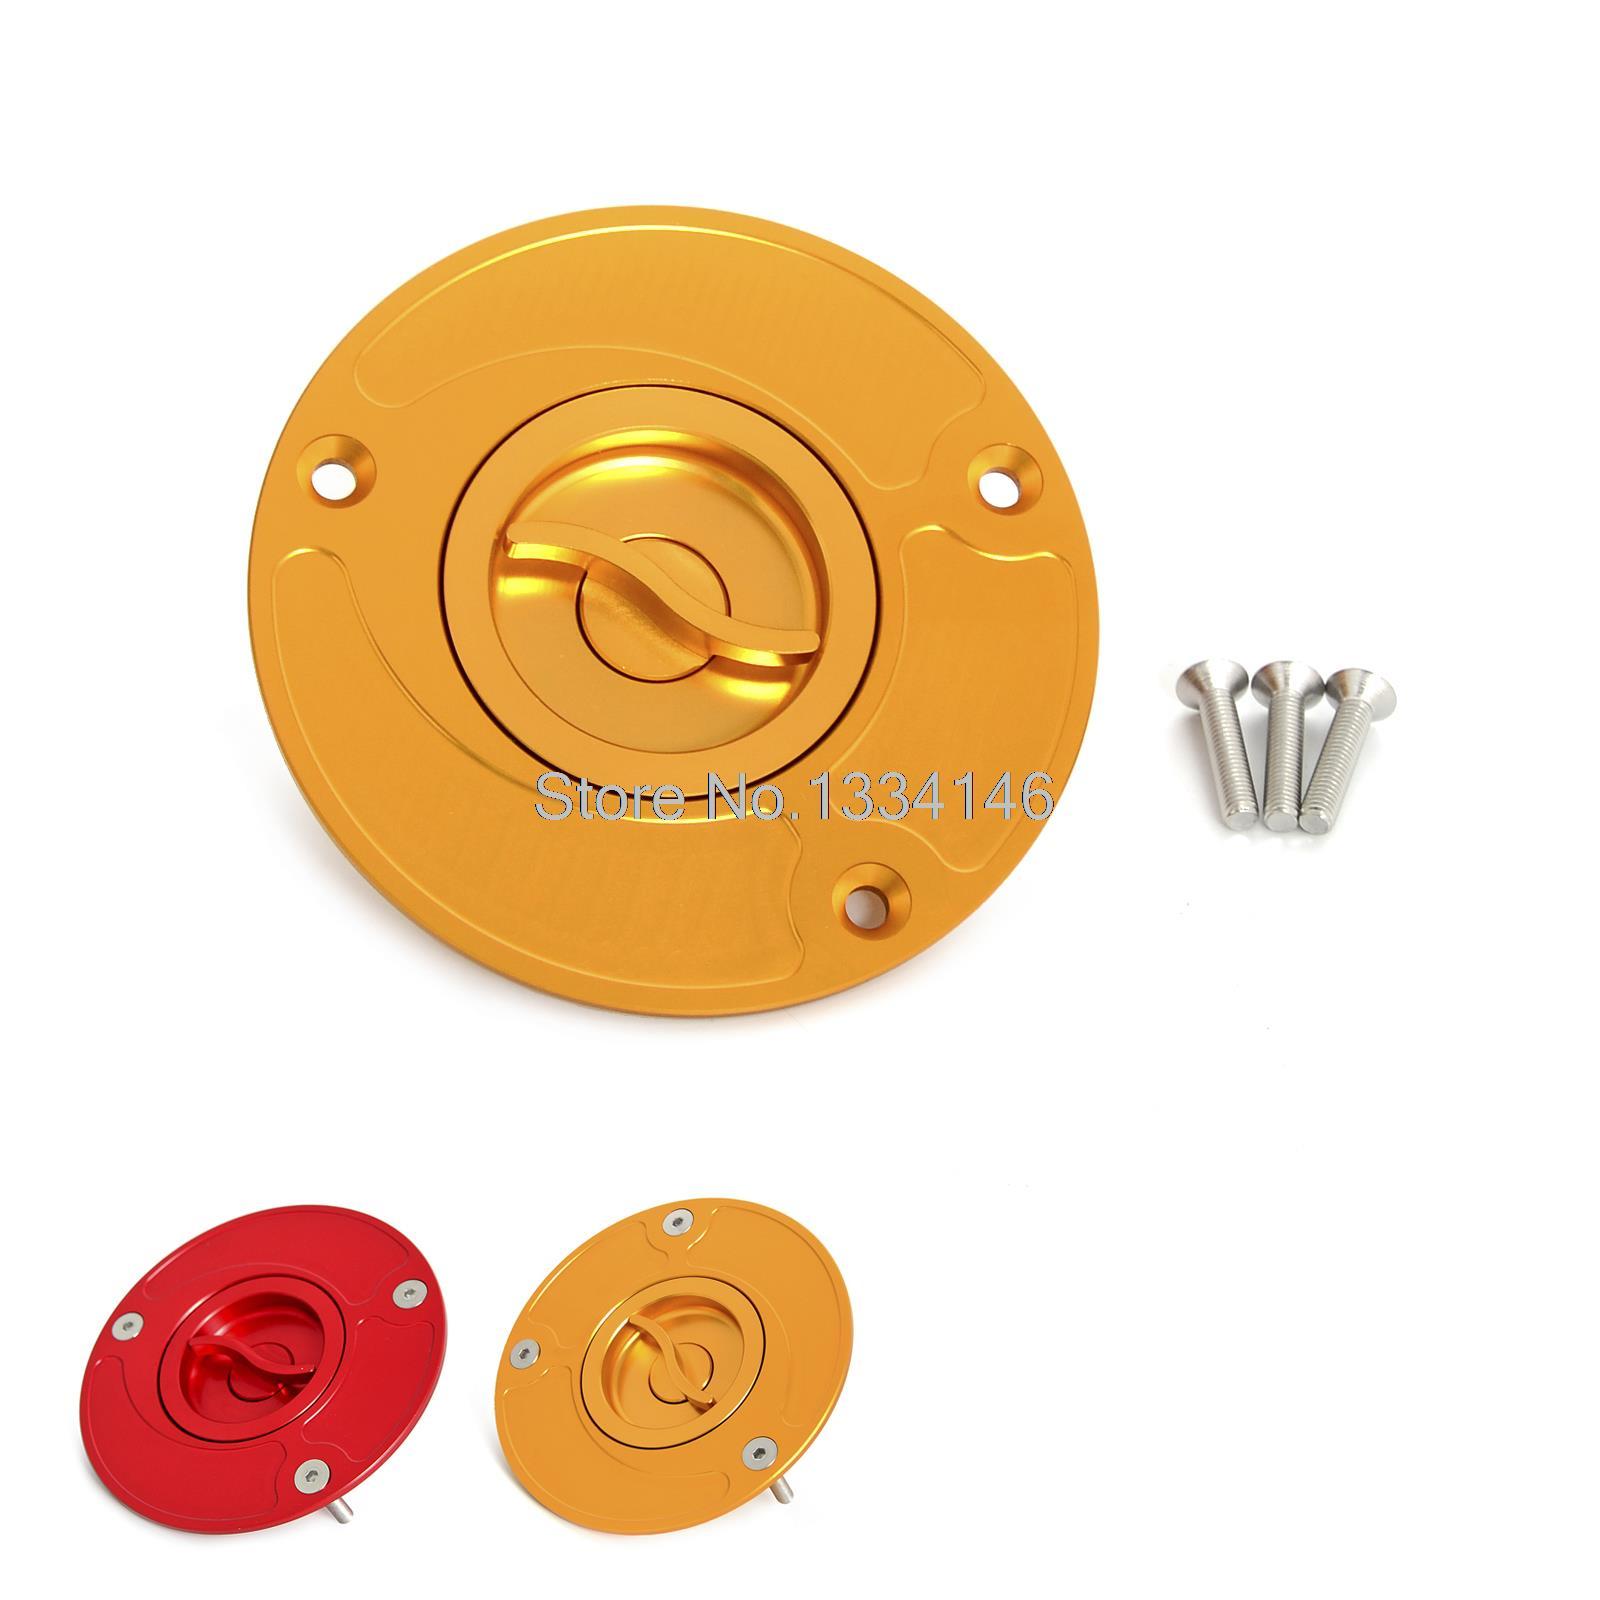 ЧПУ без ключа Топливный бак газ колпачок для Сузуки СВ650/SV650S 2003 - 2010 ГСФ 650 1250 с (бандит) GSX650F 2008-2010